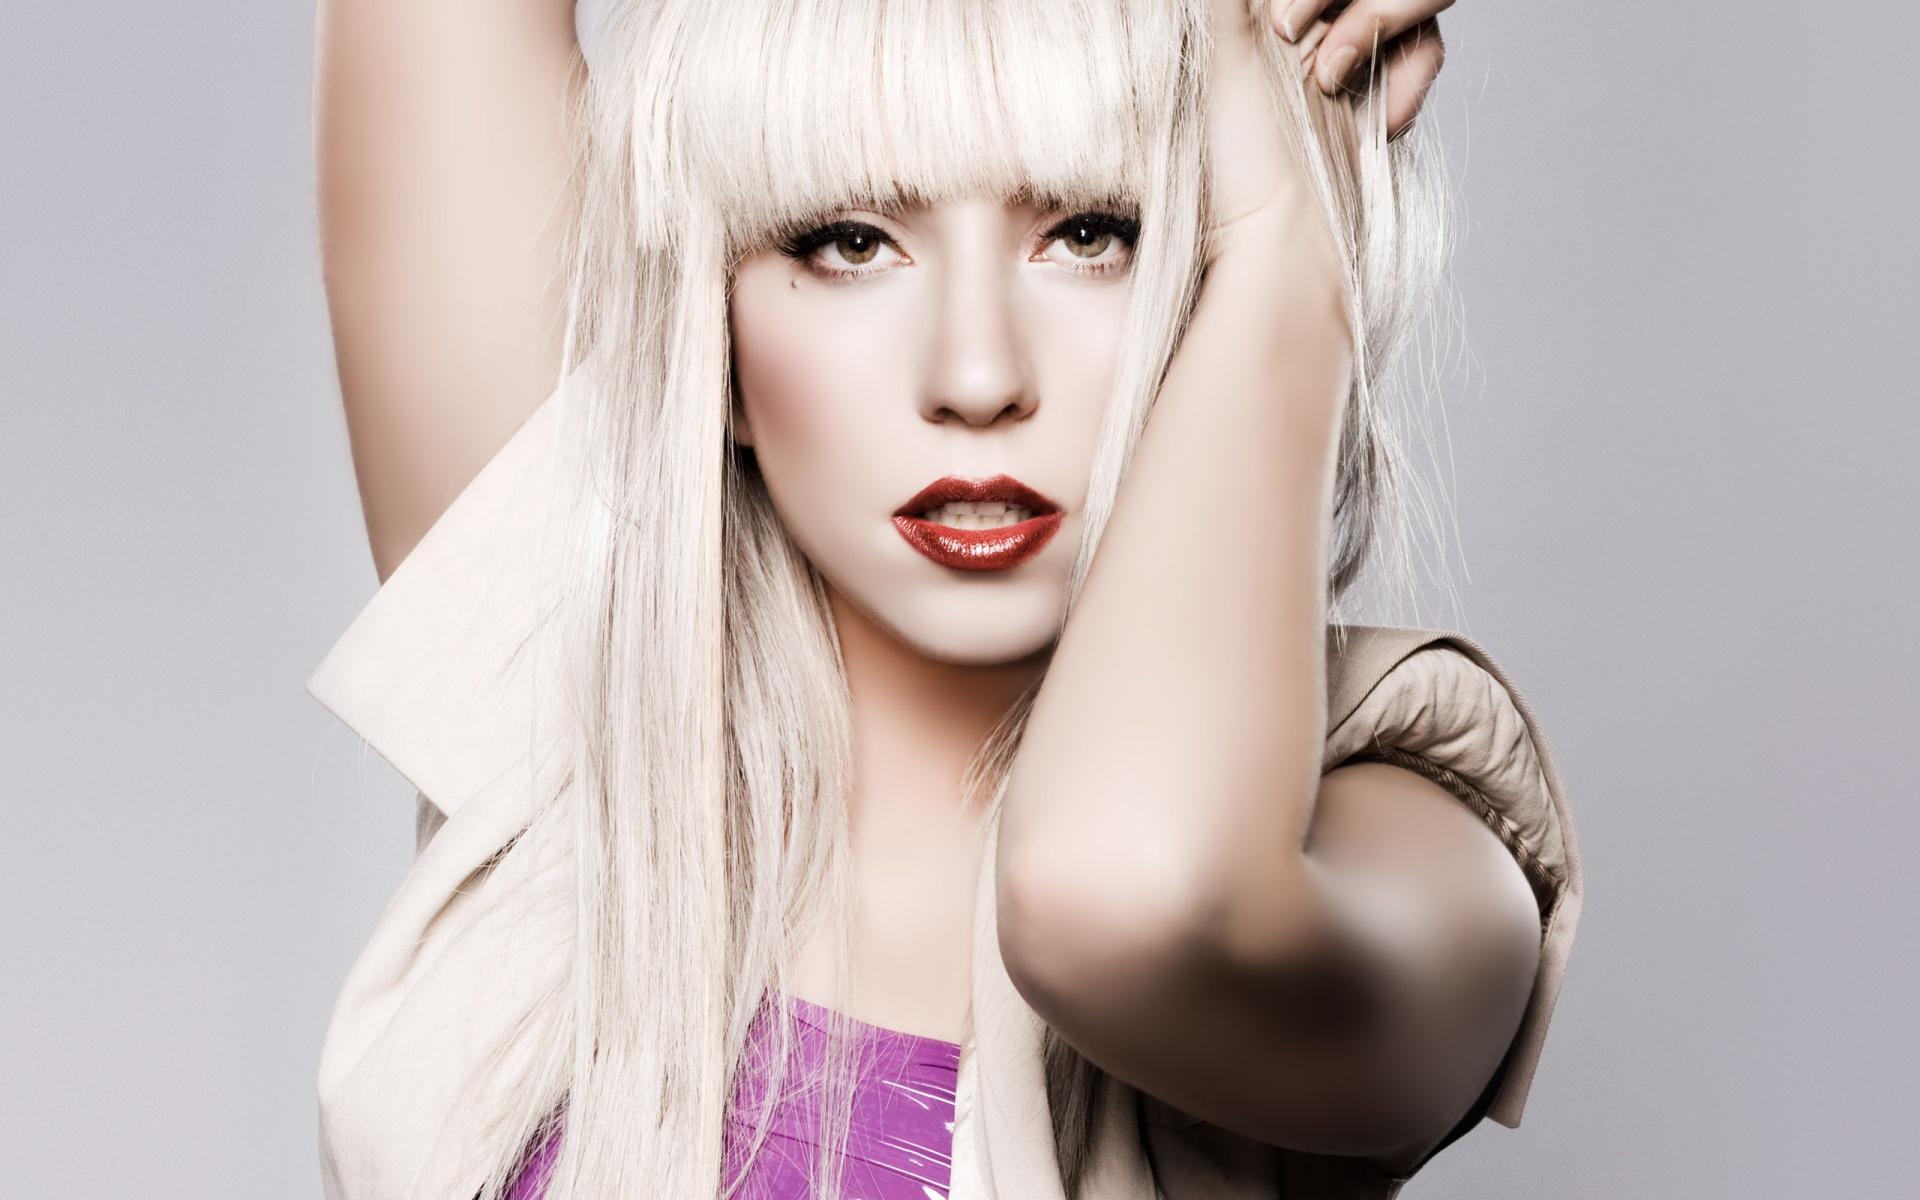 Il magnate russo Abramovic offre 2 milioni di dollari a lady Gaga per un concerto privato